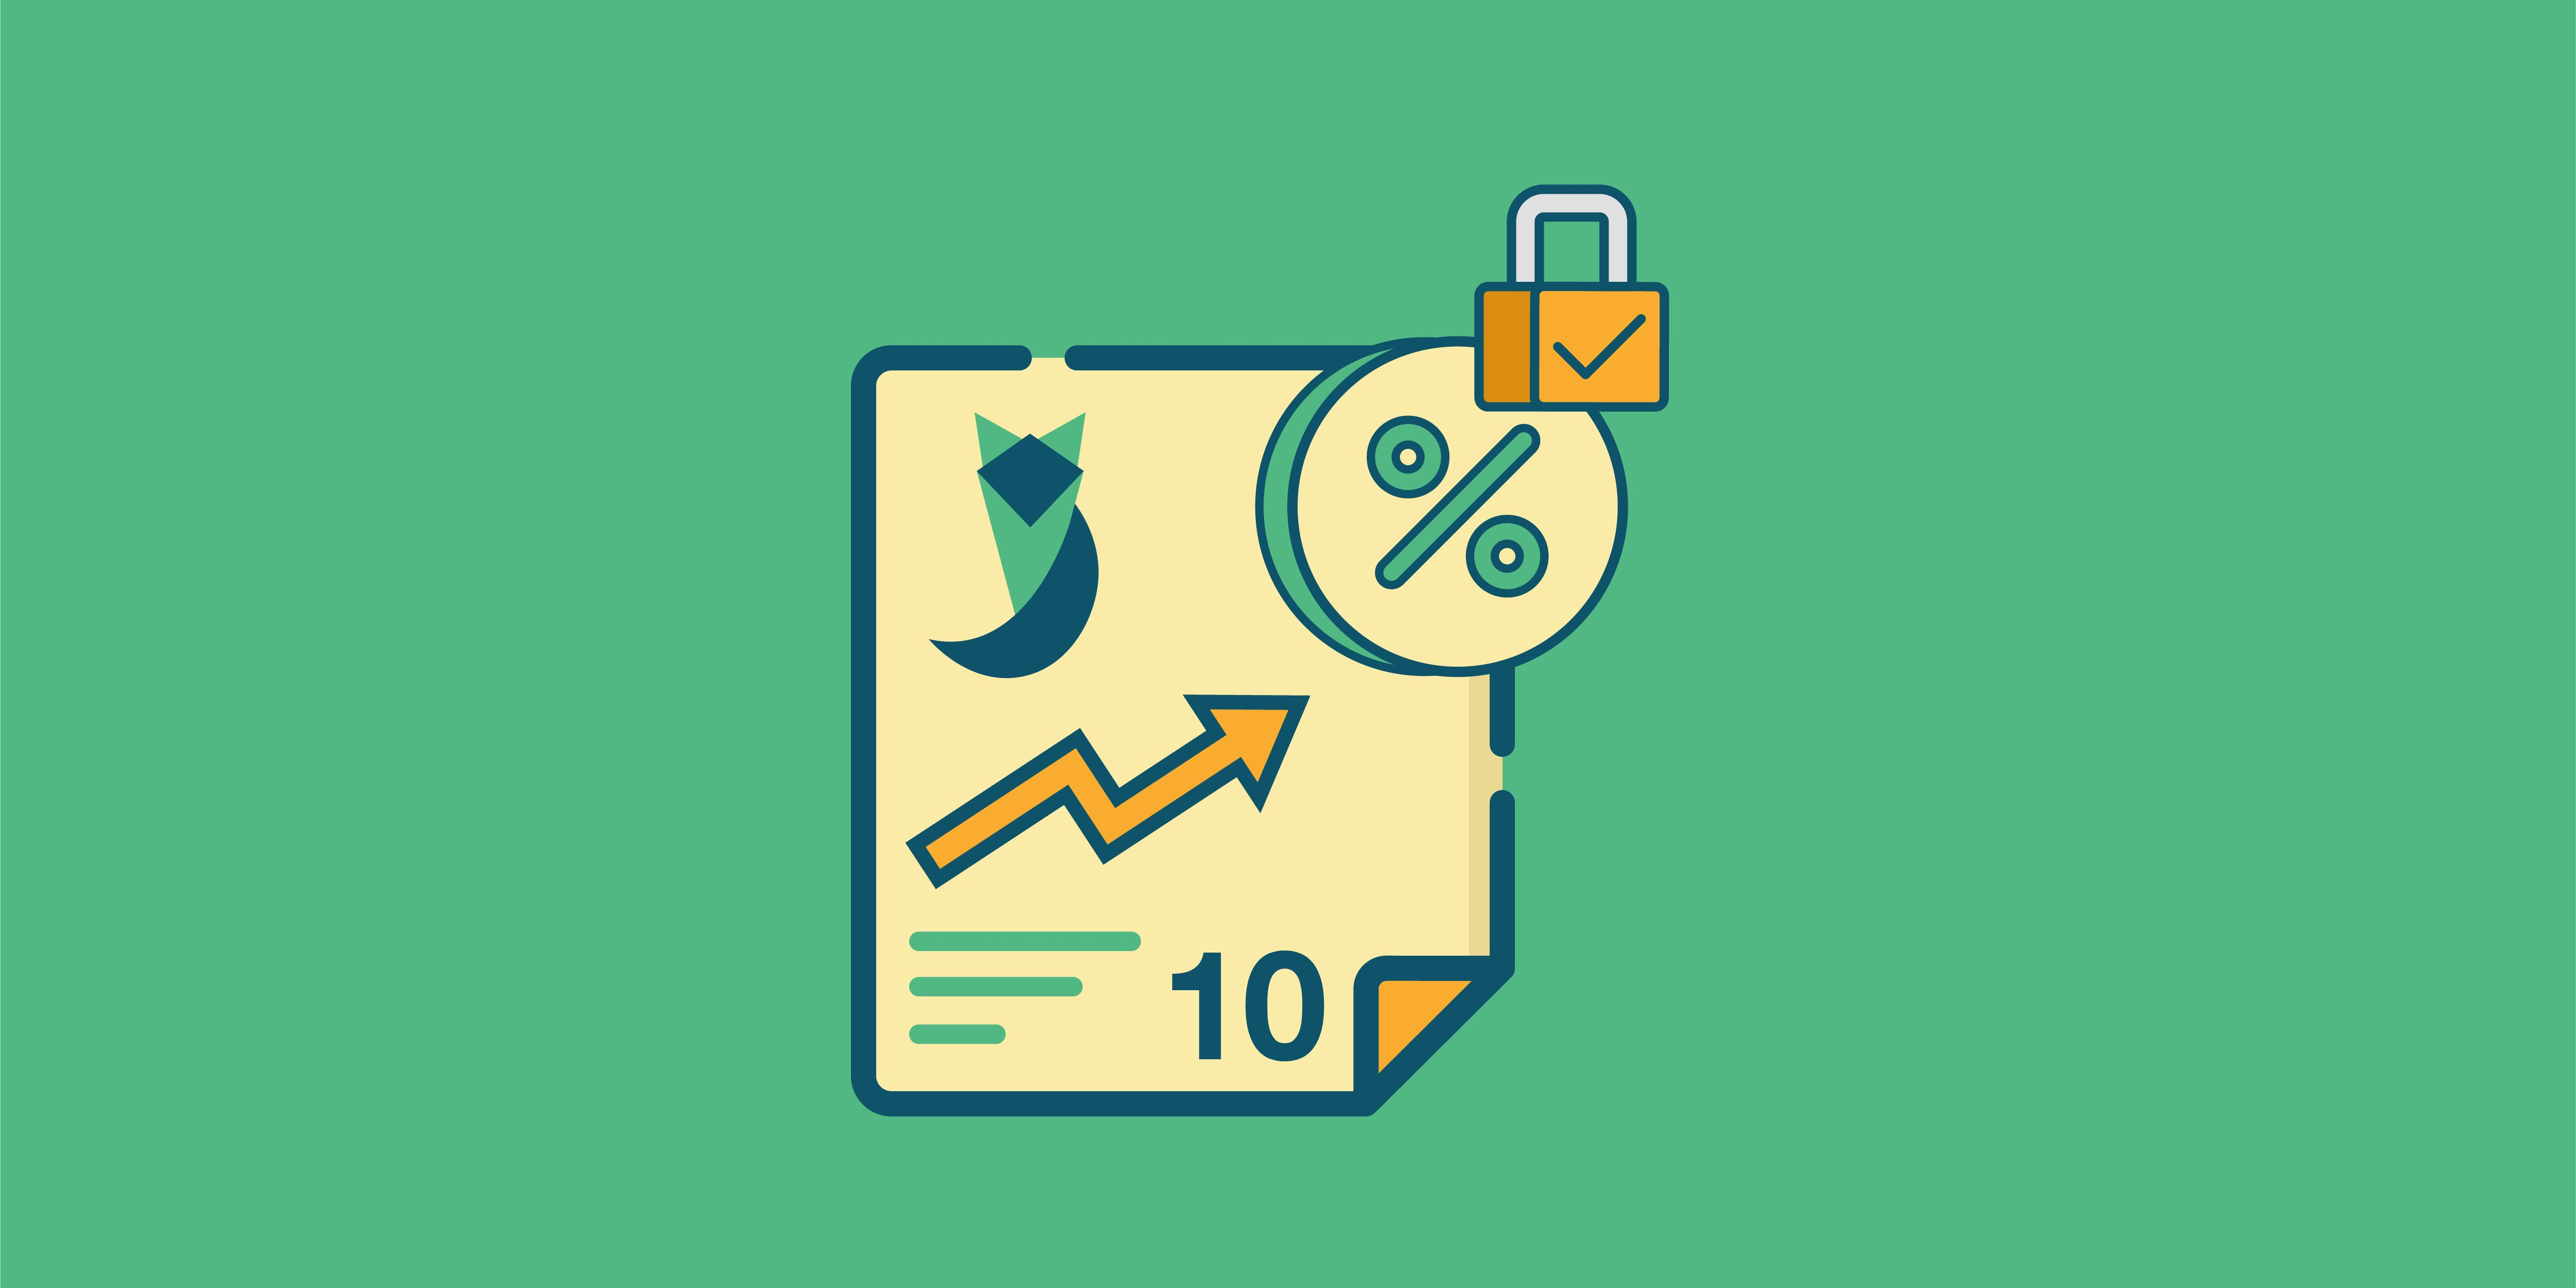 أعلى 10 شهادات استثمار بعائد ثابت لمدة 5 سنين في أكتوبر 2021